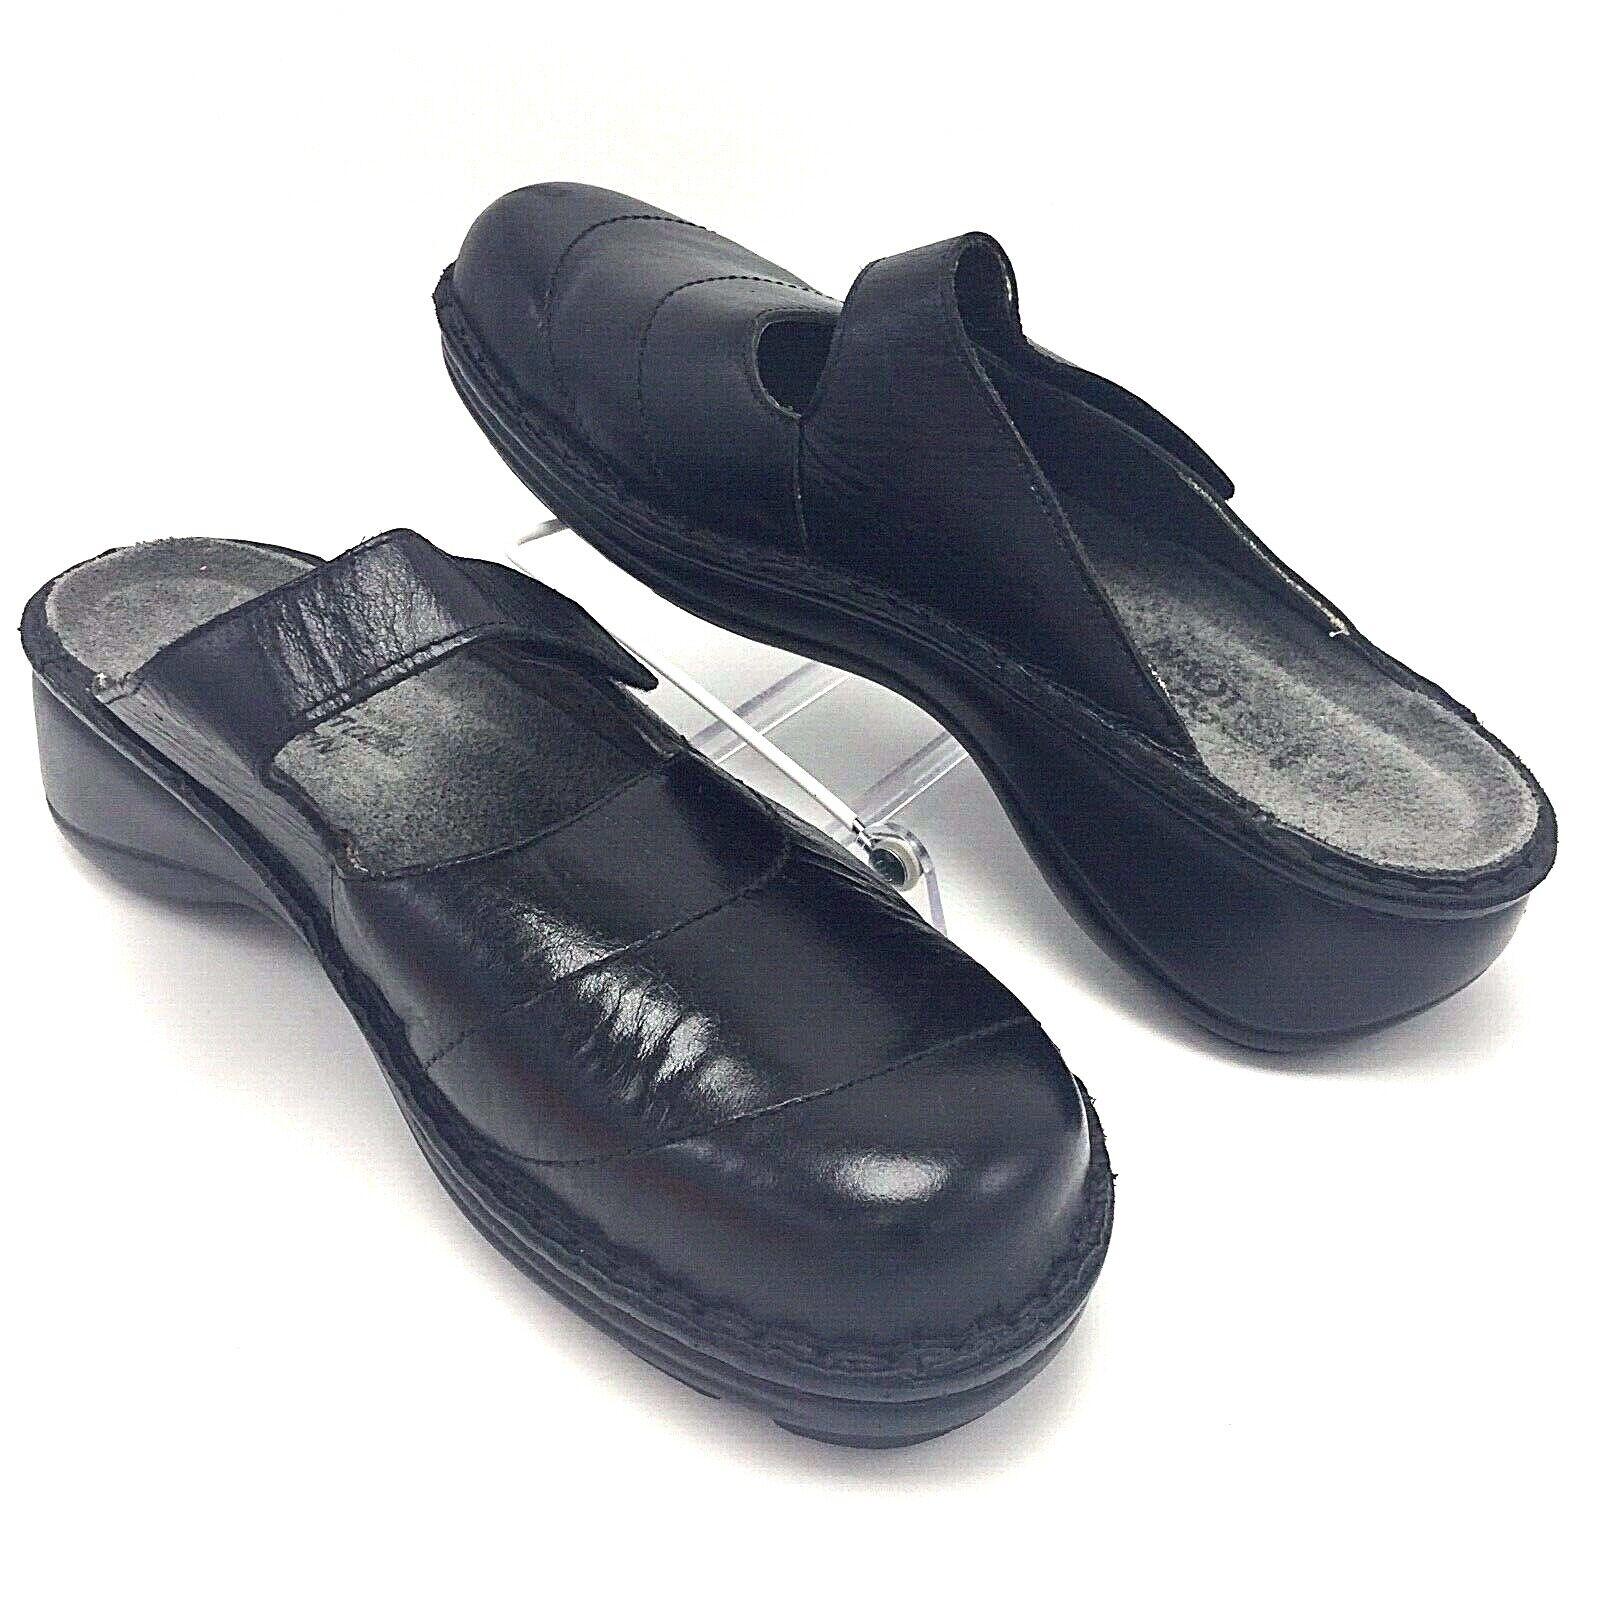 divertiti con uno sconto del 30-50% Naot donna Leather Slides Sz 10 nero nero nero Mary Janes 41 Comfort scarpe Hook & Loop  migliore vendita